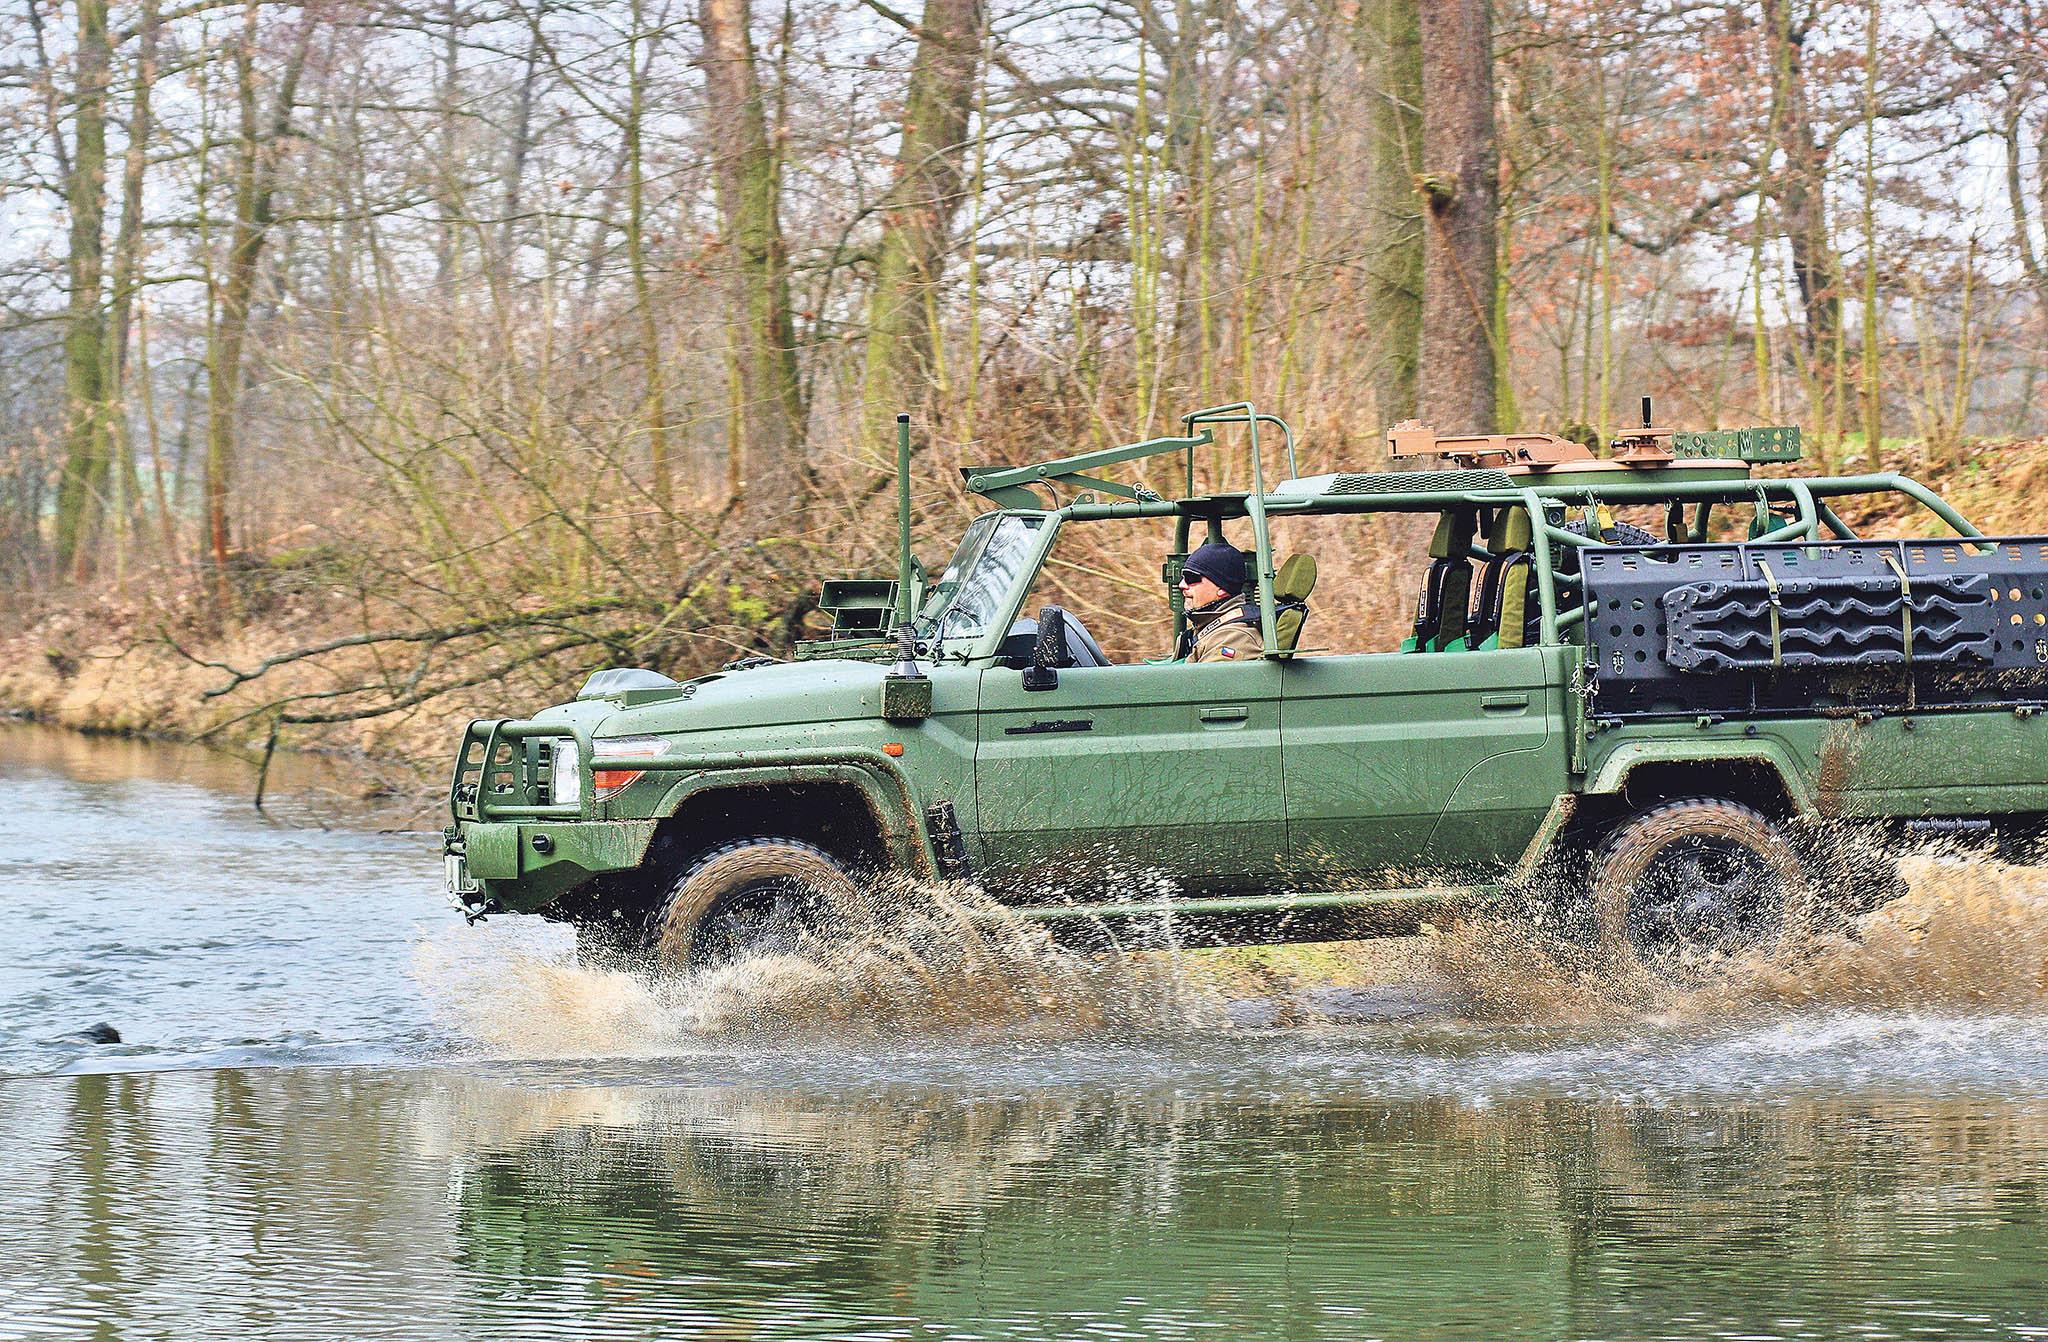 Lehké obrněné vozidlo LRPV Gepard je postavené na celosvětově rozšířeném podvozku Toyota LC70. Speciální úpravy a vybavení jsou ale plně v režii českých firem, mezi nimiž jsou i české státní podniky. Jde o ideální vozidlo pro patrolování na zelené hranici Česka či pro rychlý transport vojáků i mimo běžné komunikace.